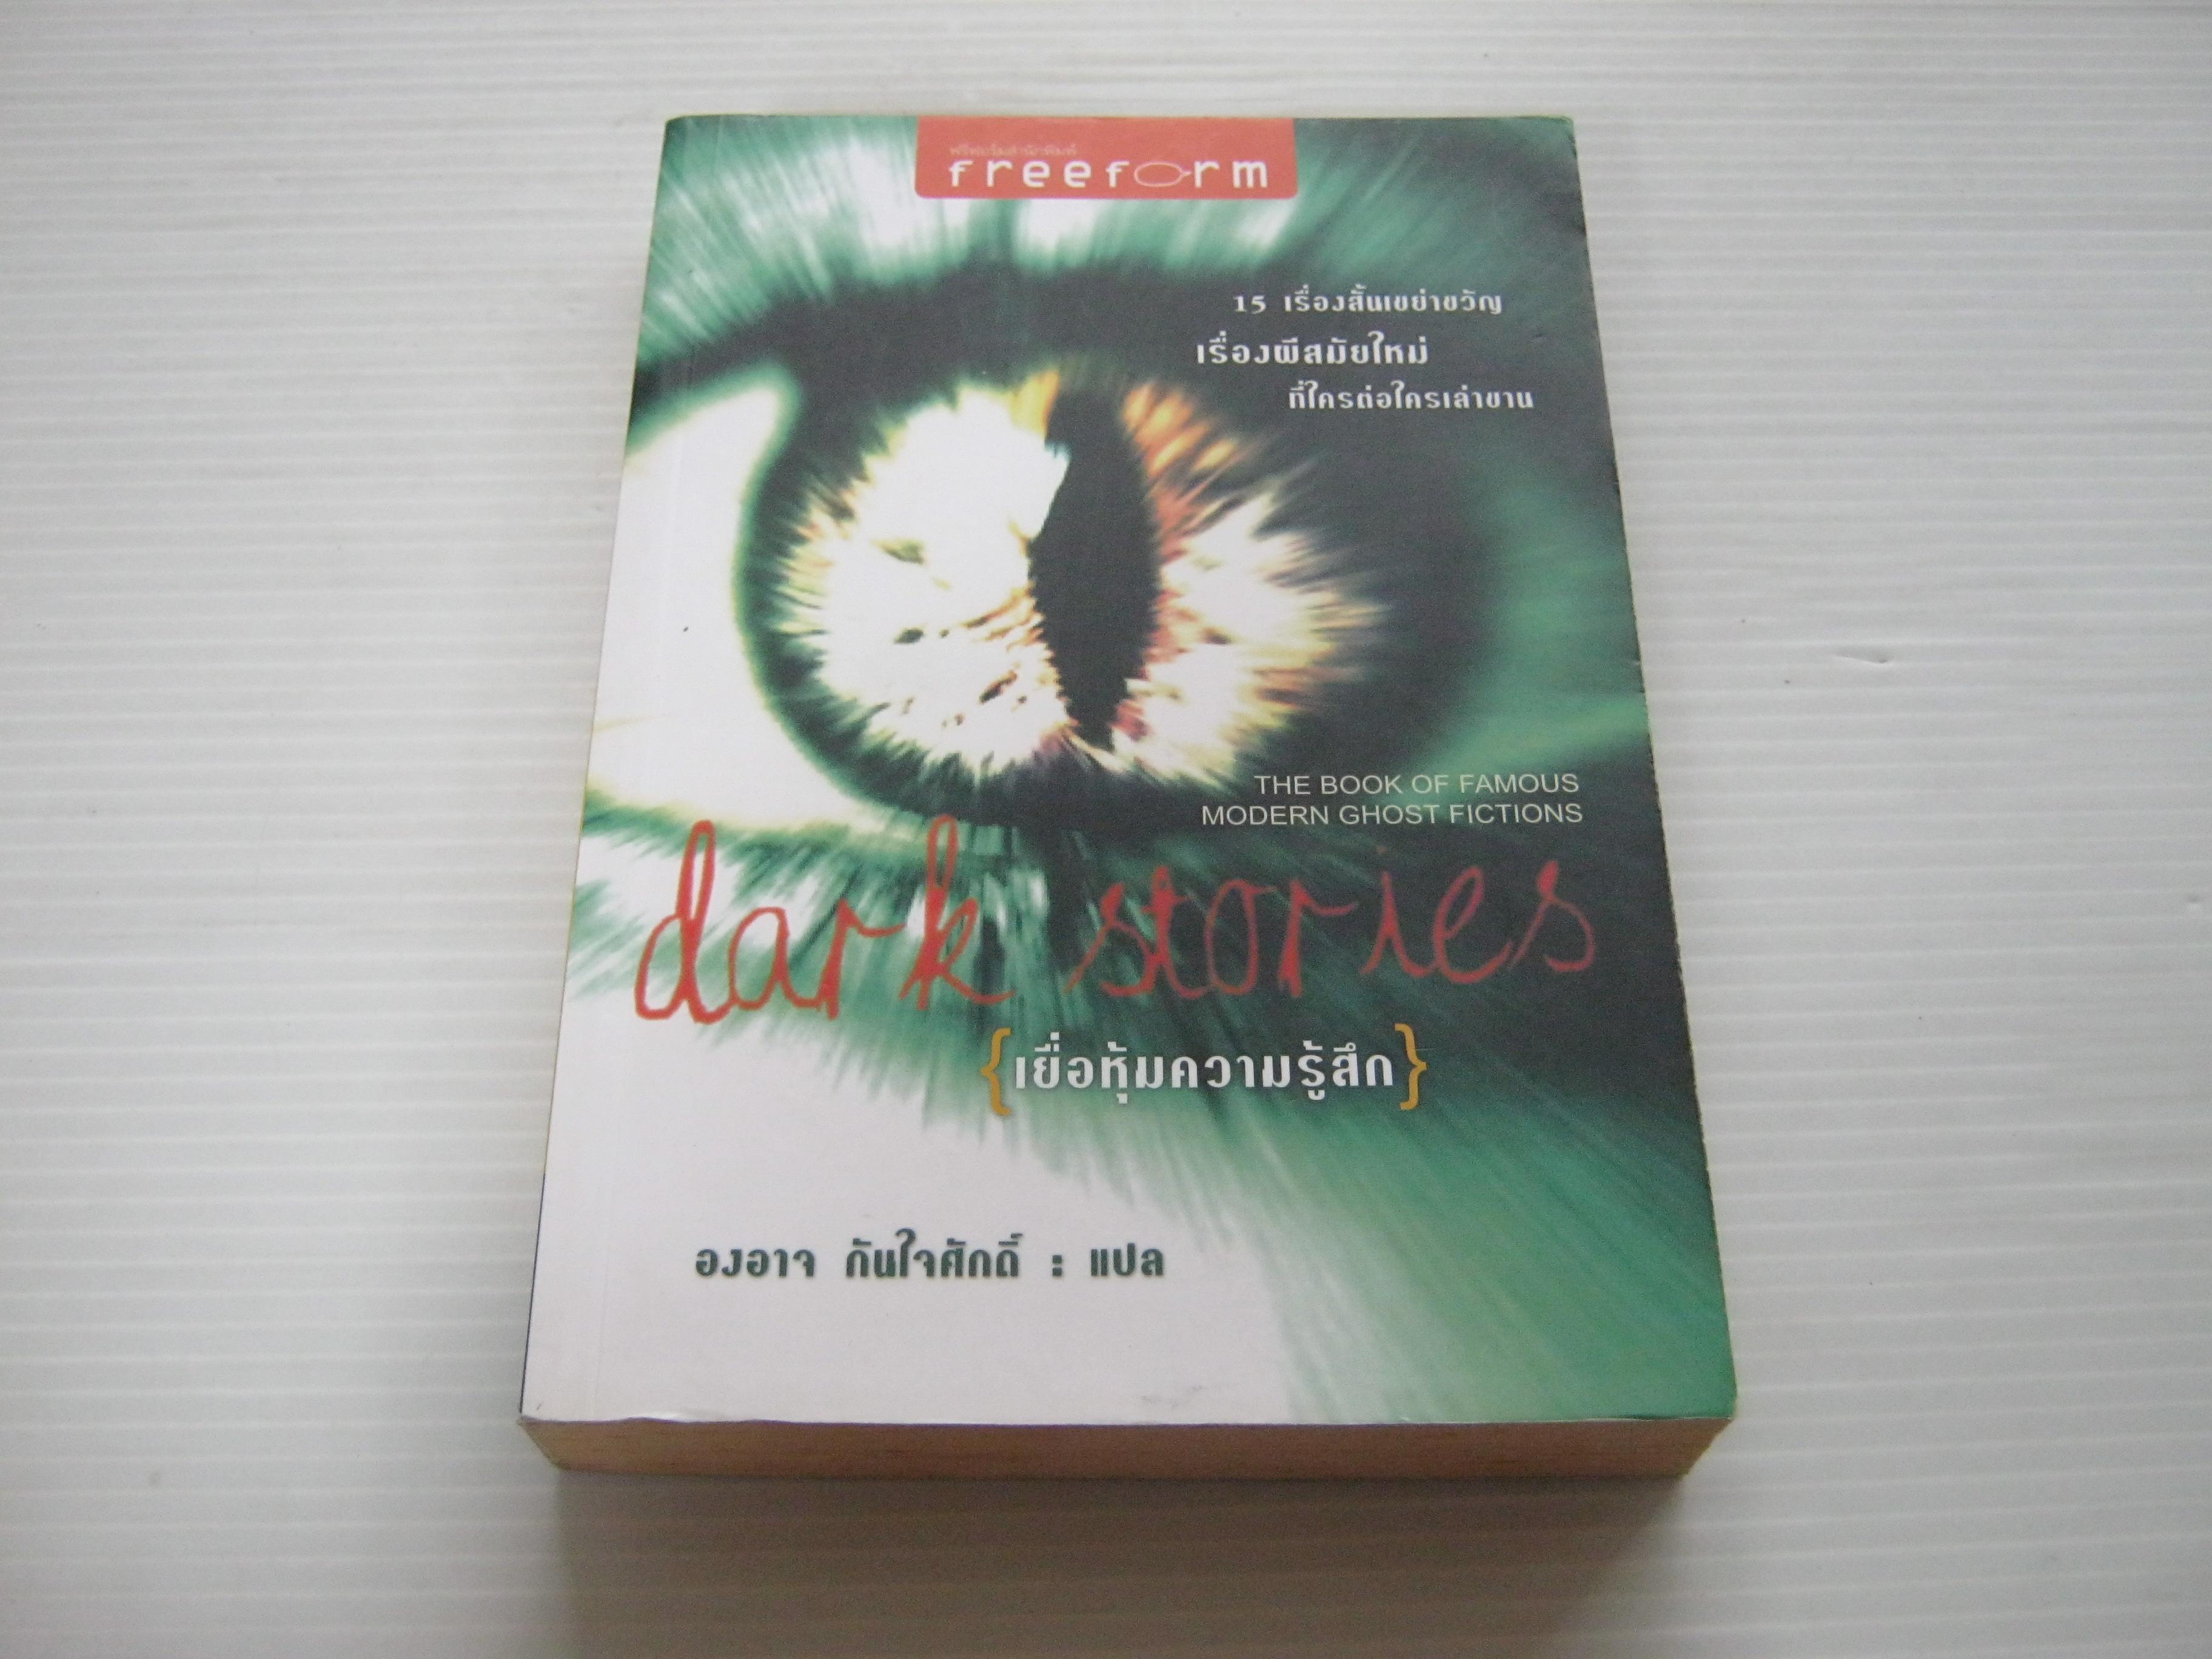 เยื่อหุ้มความรู้สึก (Dark Stories) รวมนักเขียน องอาจ กันใจศักดิ์ แปล